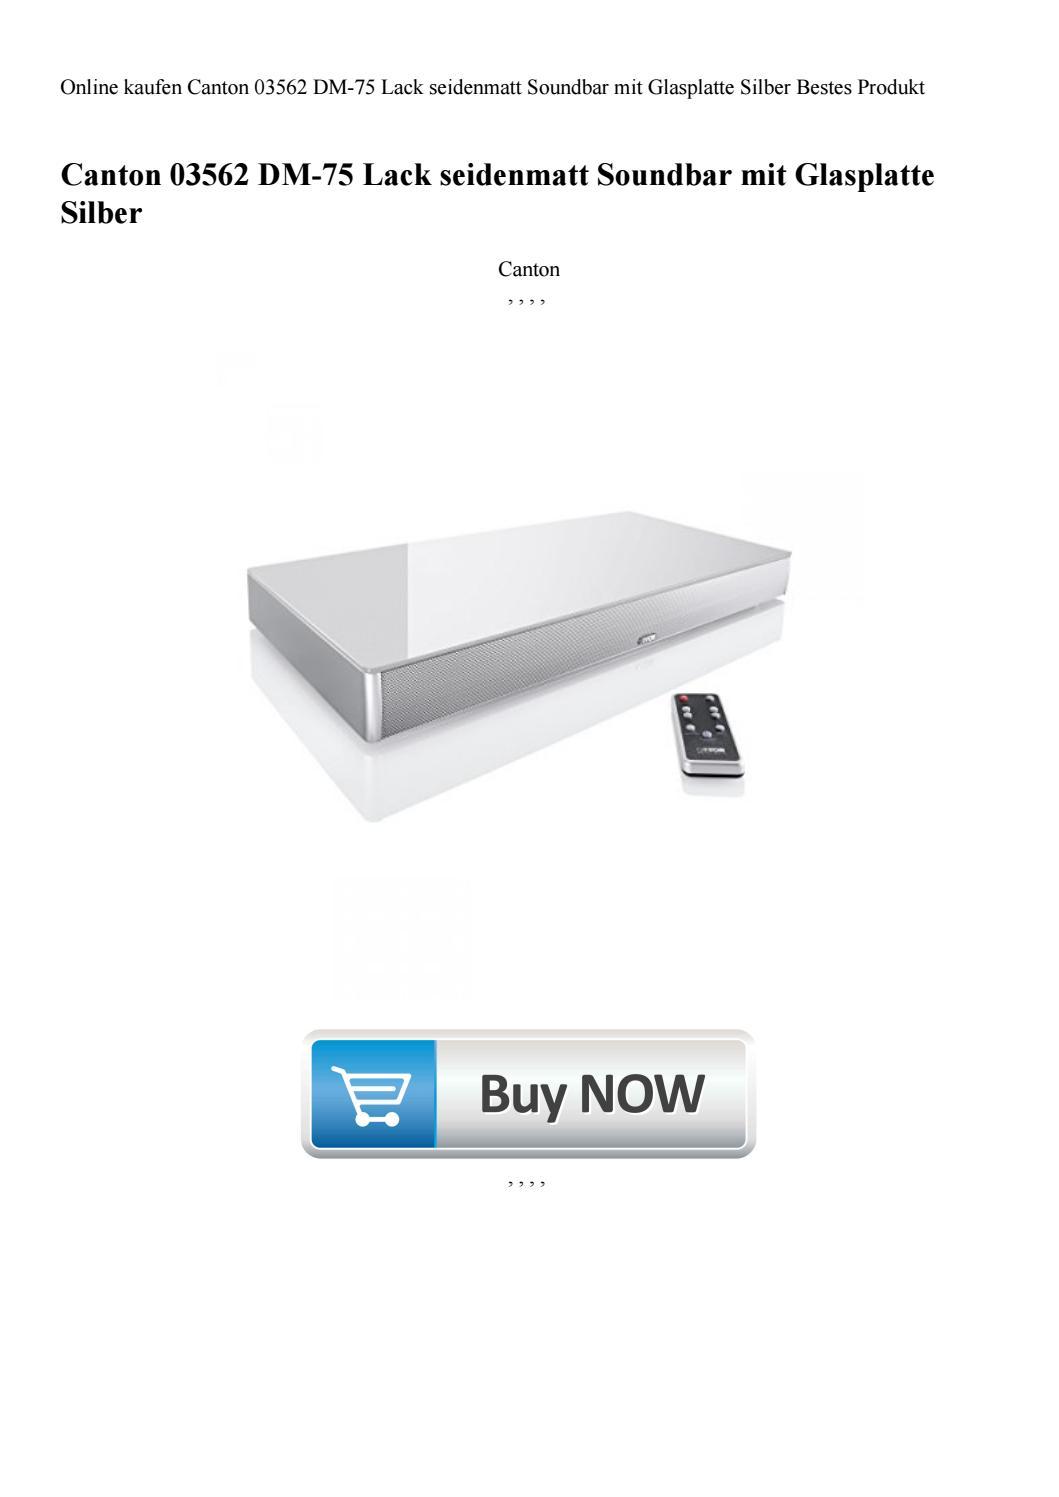 e6377395d6 Online kaufen Canton 03562 DM-75 Lack seidenmatt Soundbar mit Glasplatte  Silber Bestes Produkt by loganschneiderer - issuu